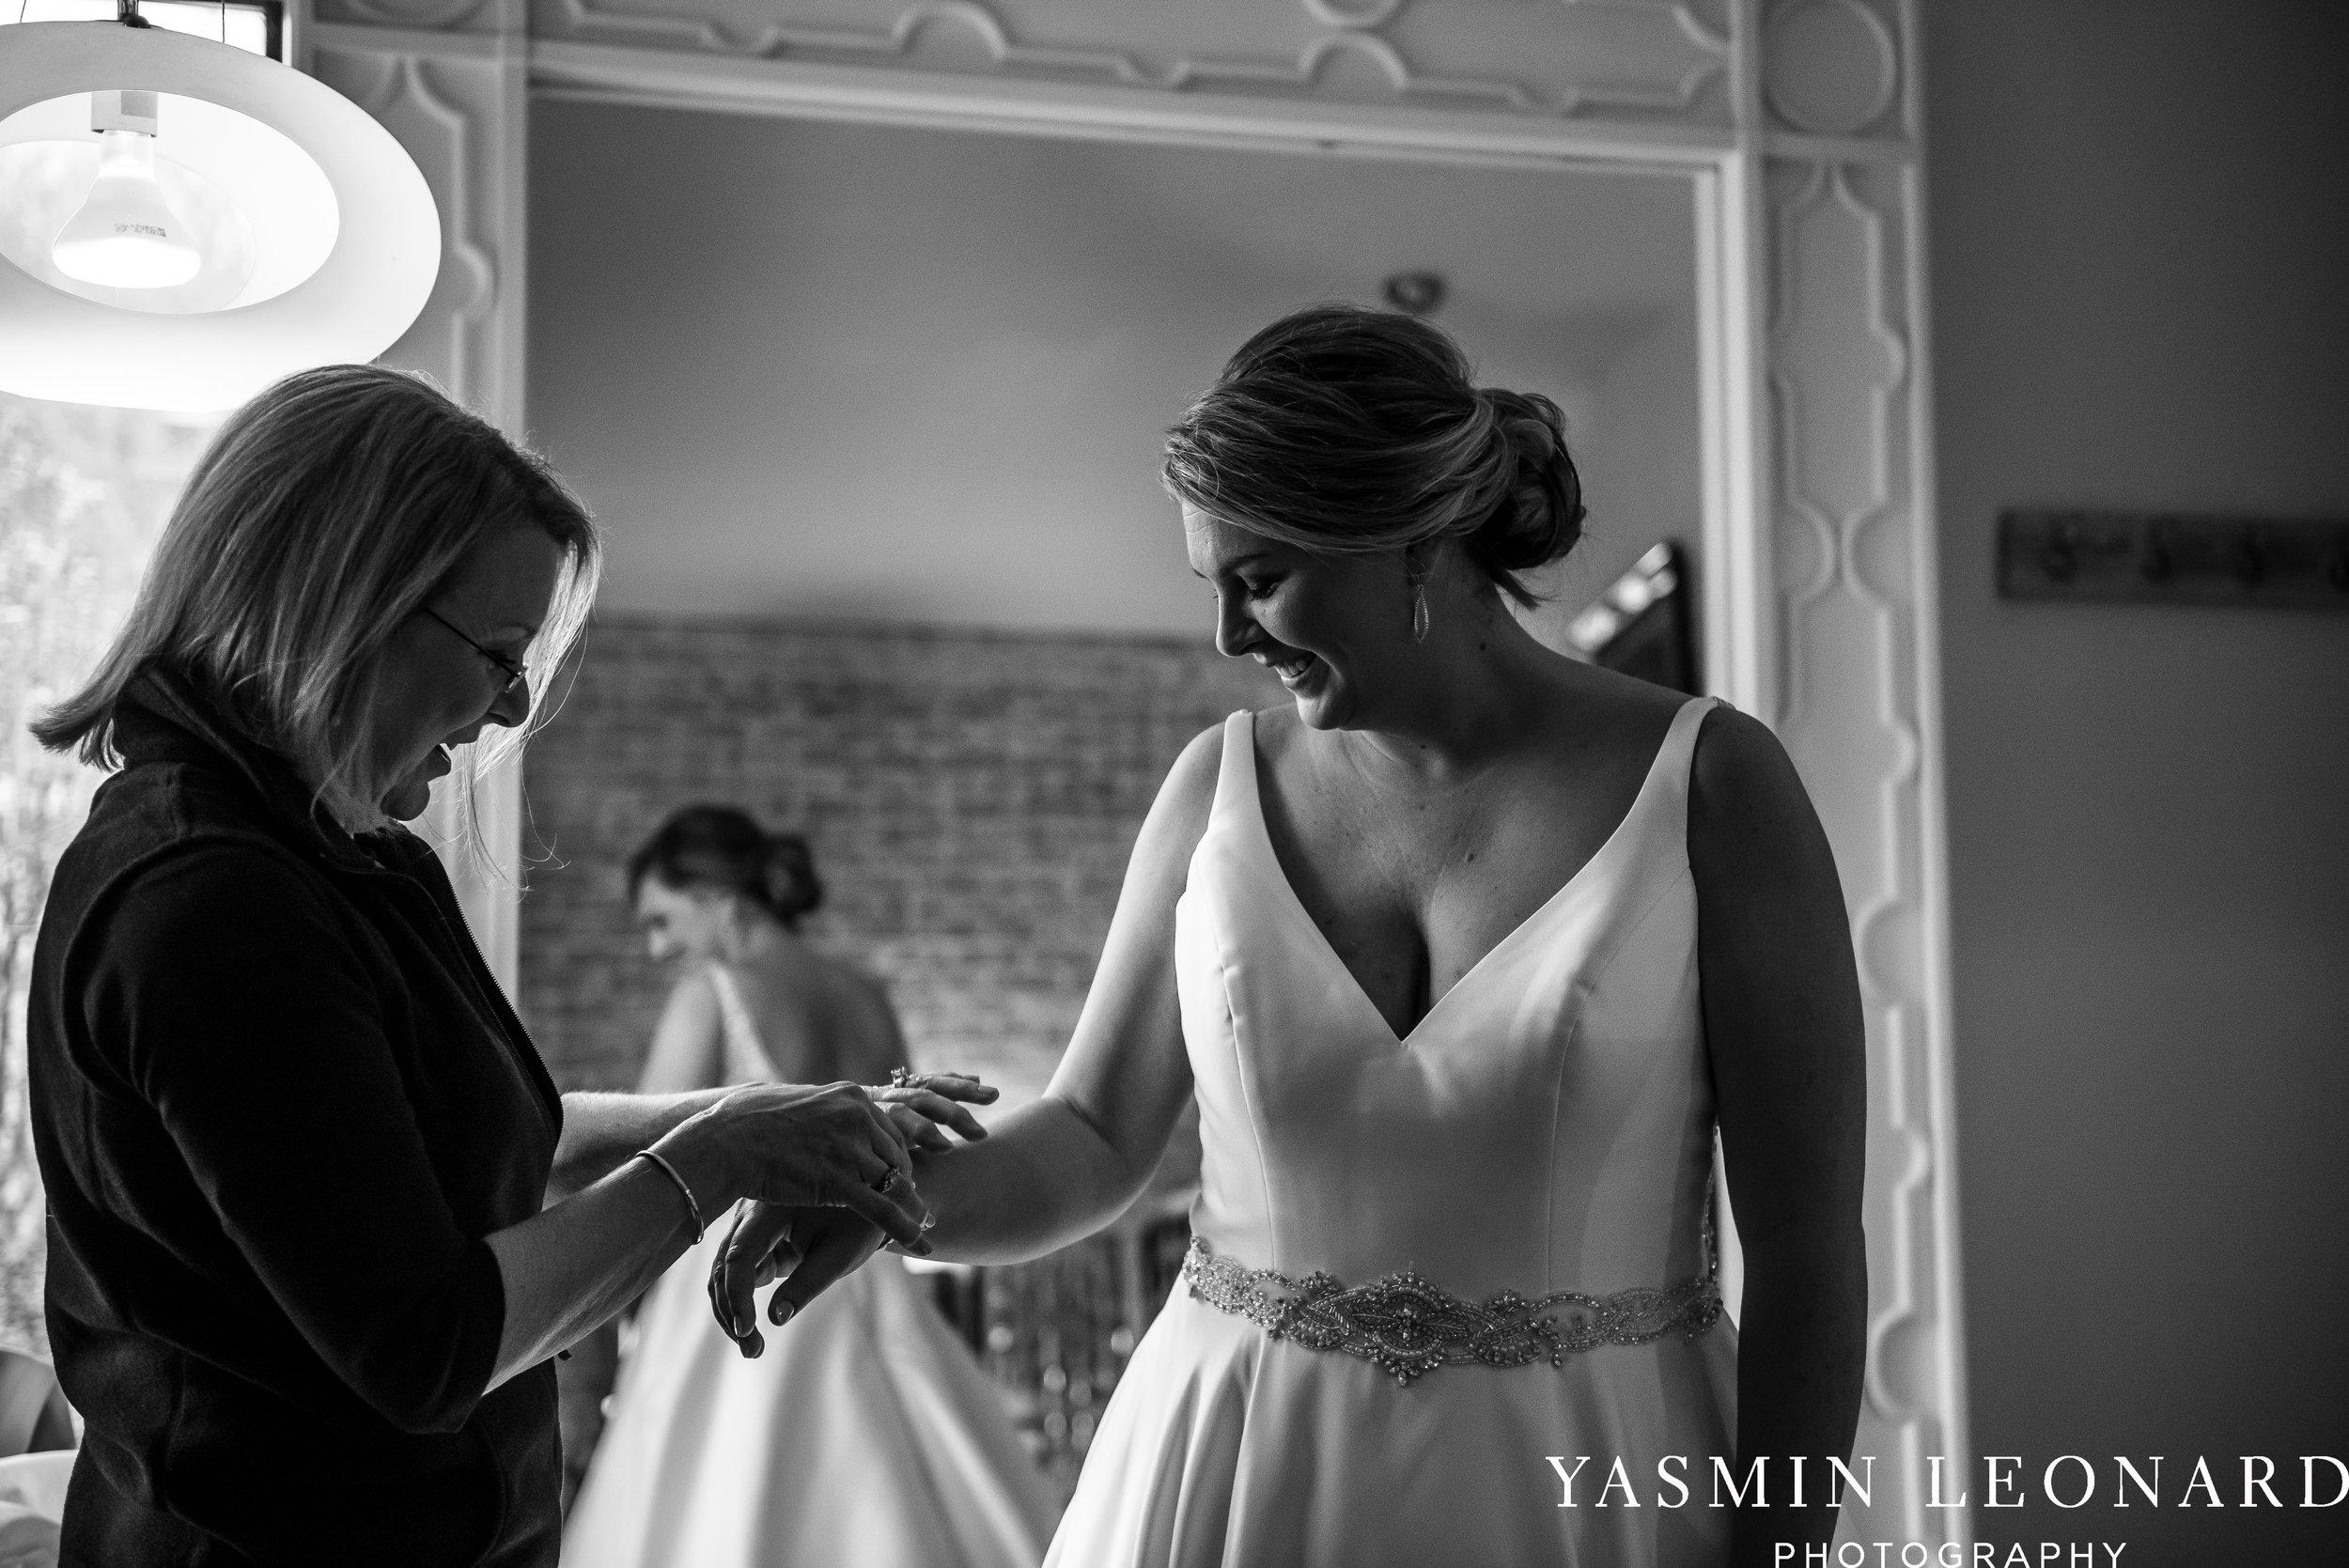 Adaumont Farm - Wesley Memorial Weddings - High Point Weddings - Just Priceless - NC Wedding Photographer - Yasmin Leonard Photography - High Point Wedding Vendors-10.jpg